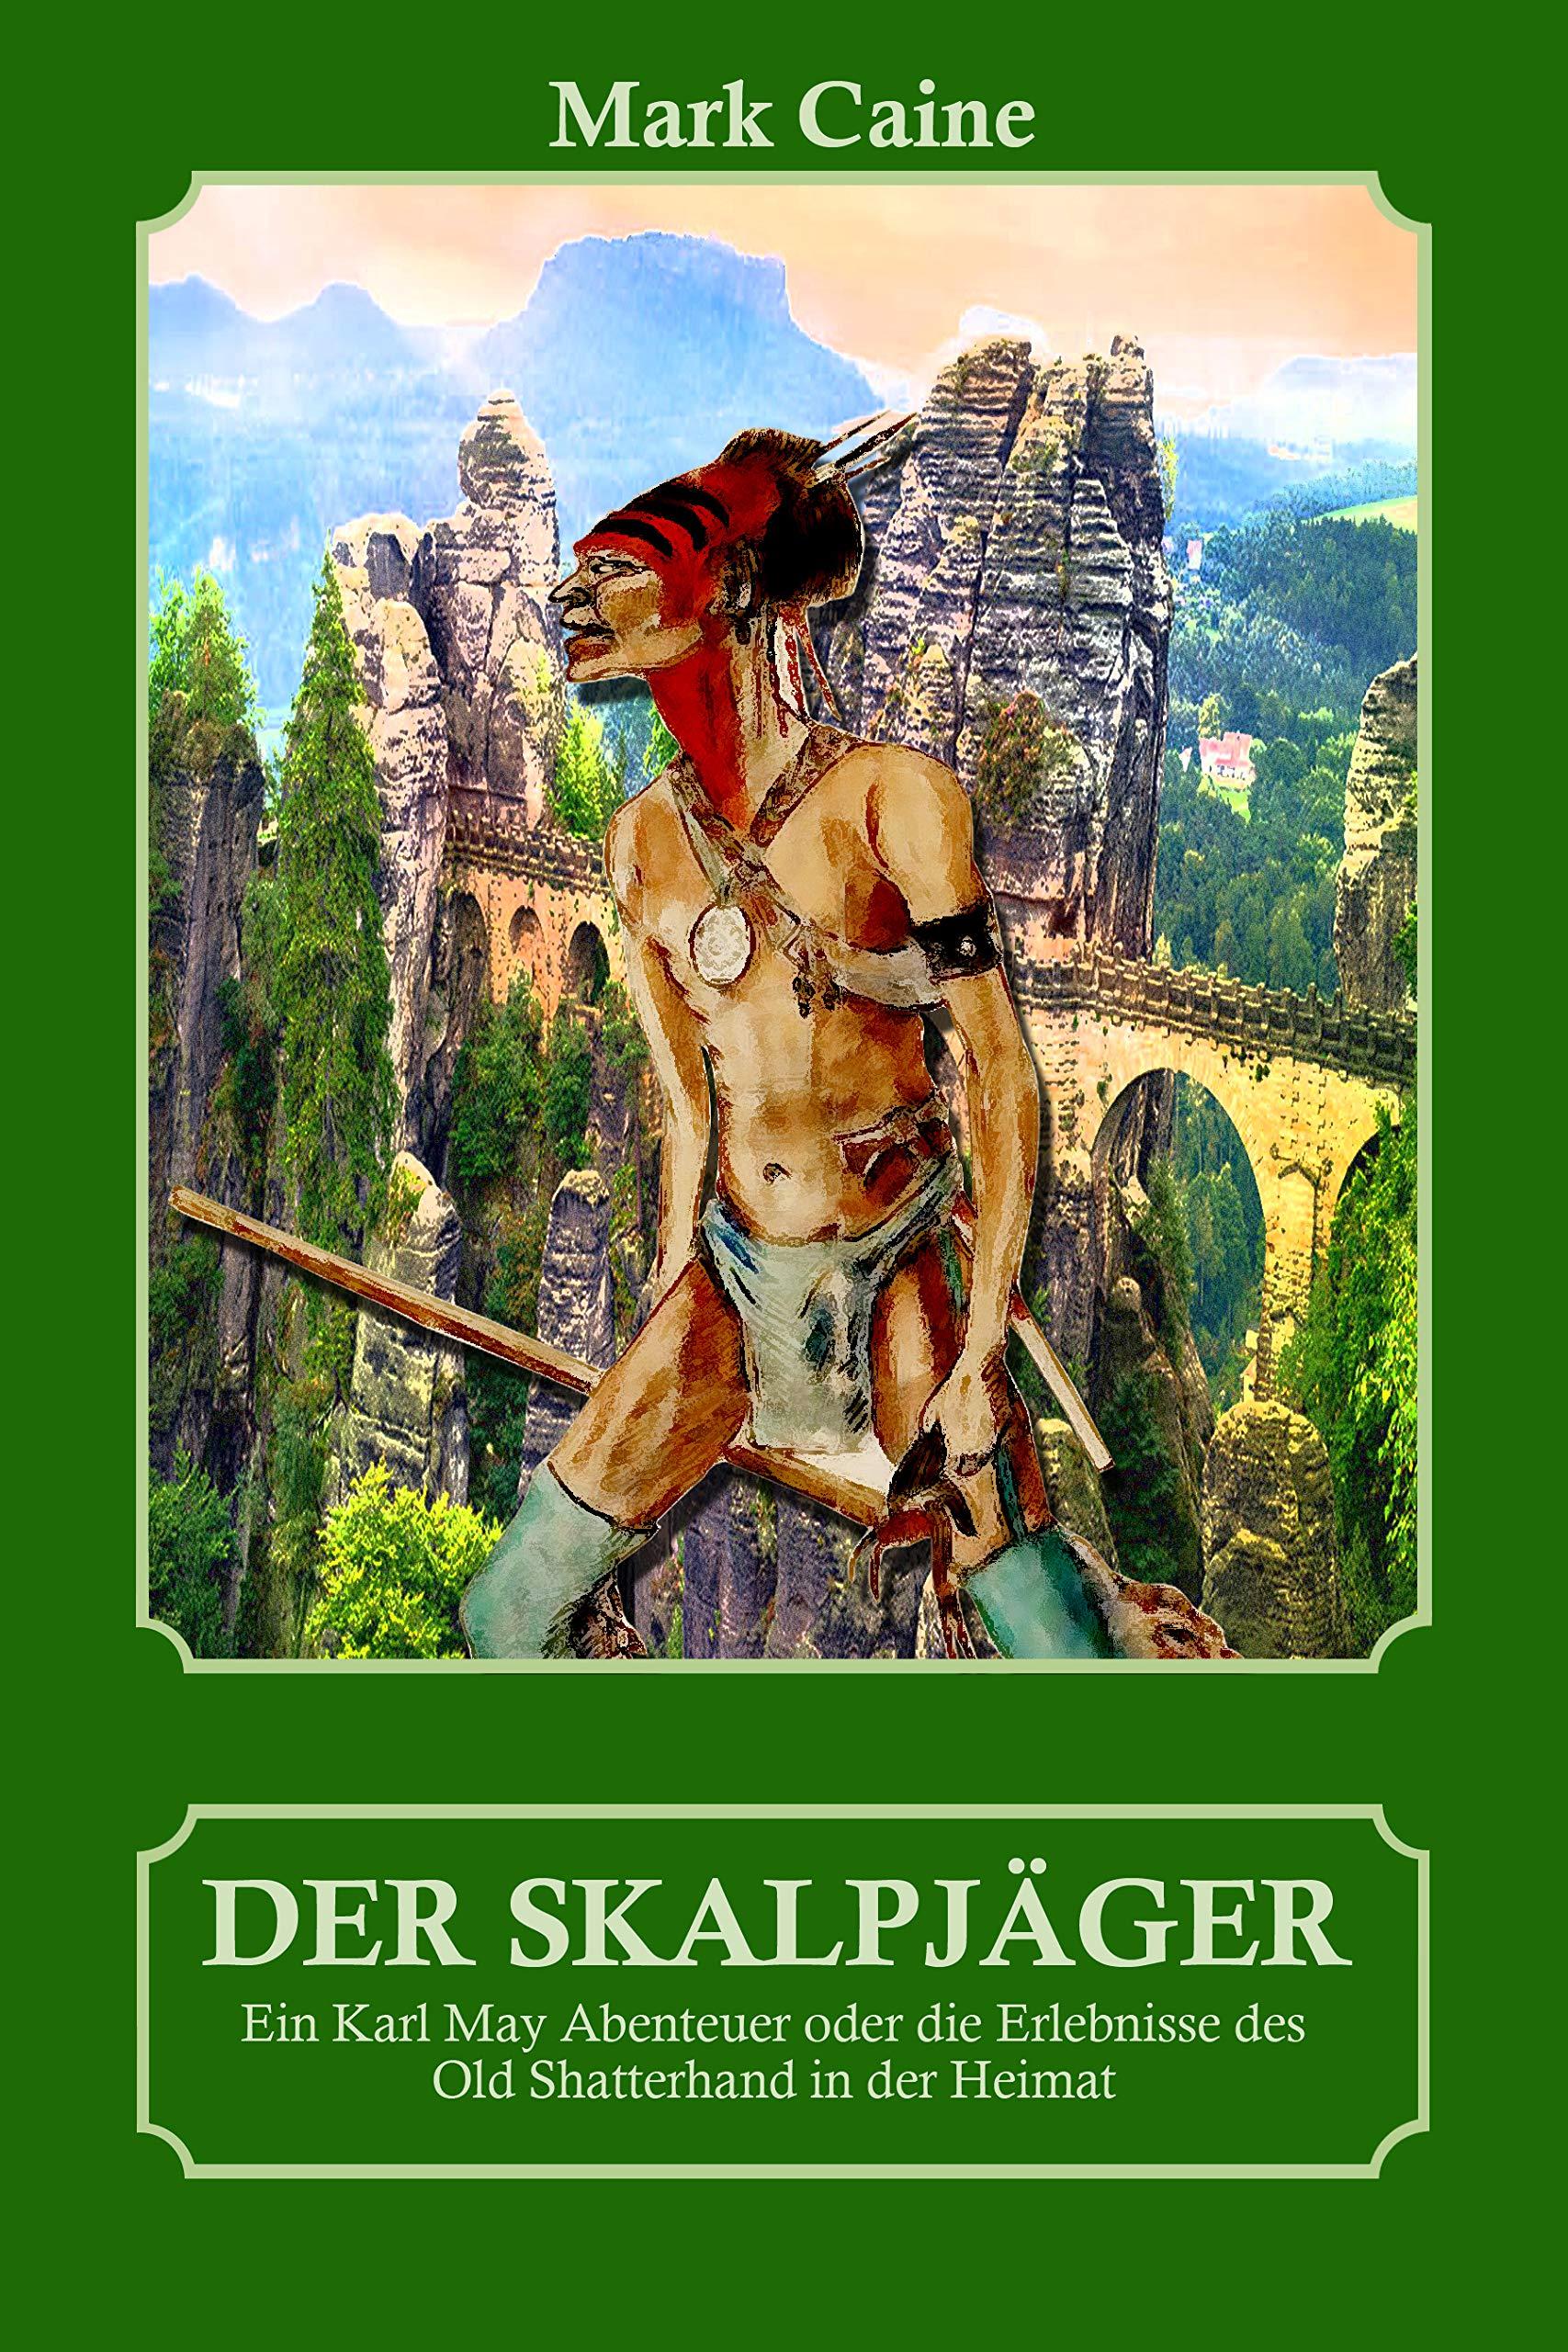 Der Skalpjäger - Ein Karl May Abenteuer oder die Erlebnisse des Old Shatterhand in der Heimat (Karl May Abenteuer - Old Shatterhand 1) (German Edition)